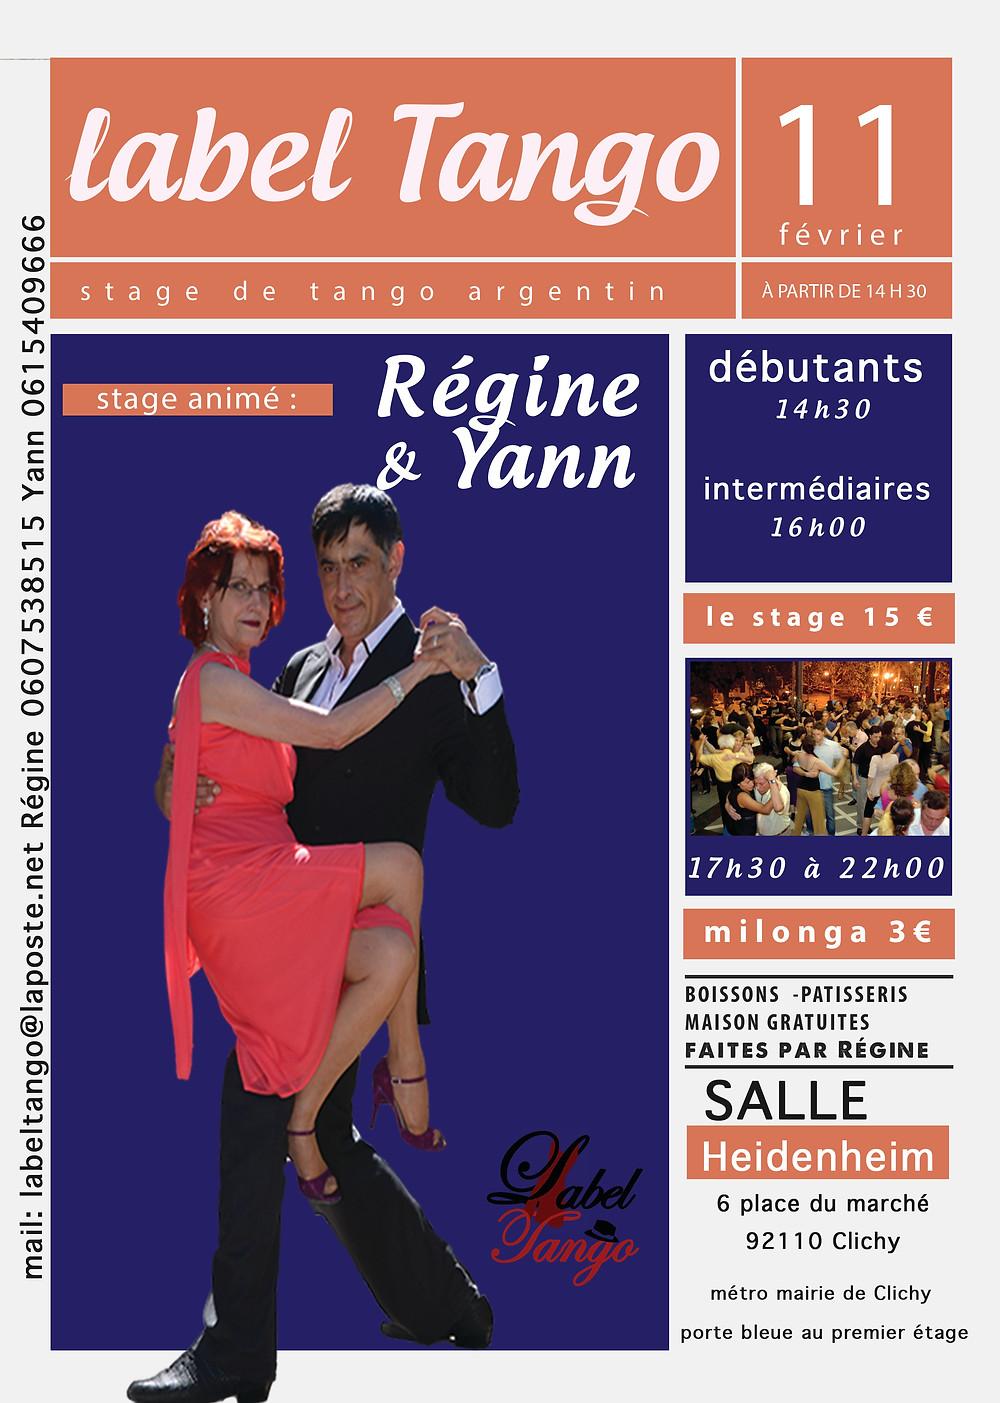 label tango stages du 11 frevier 2018 à Clichy